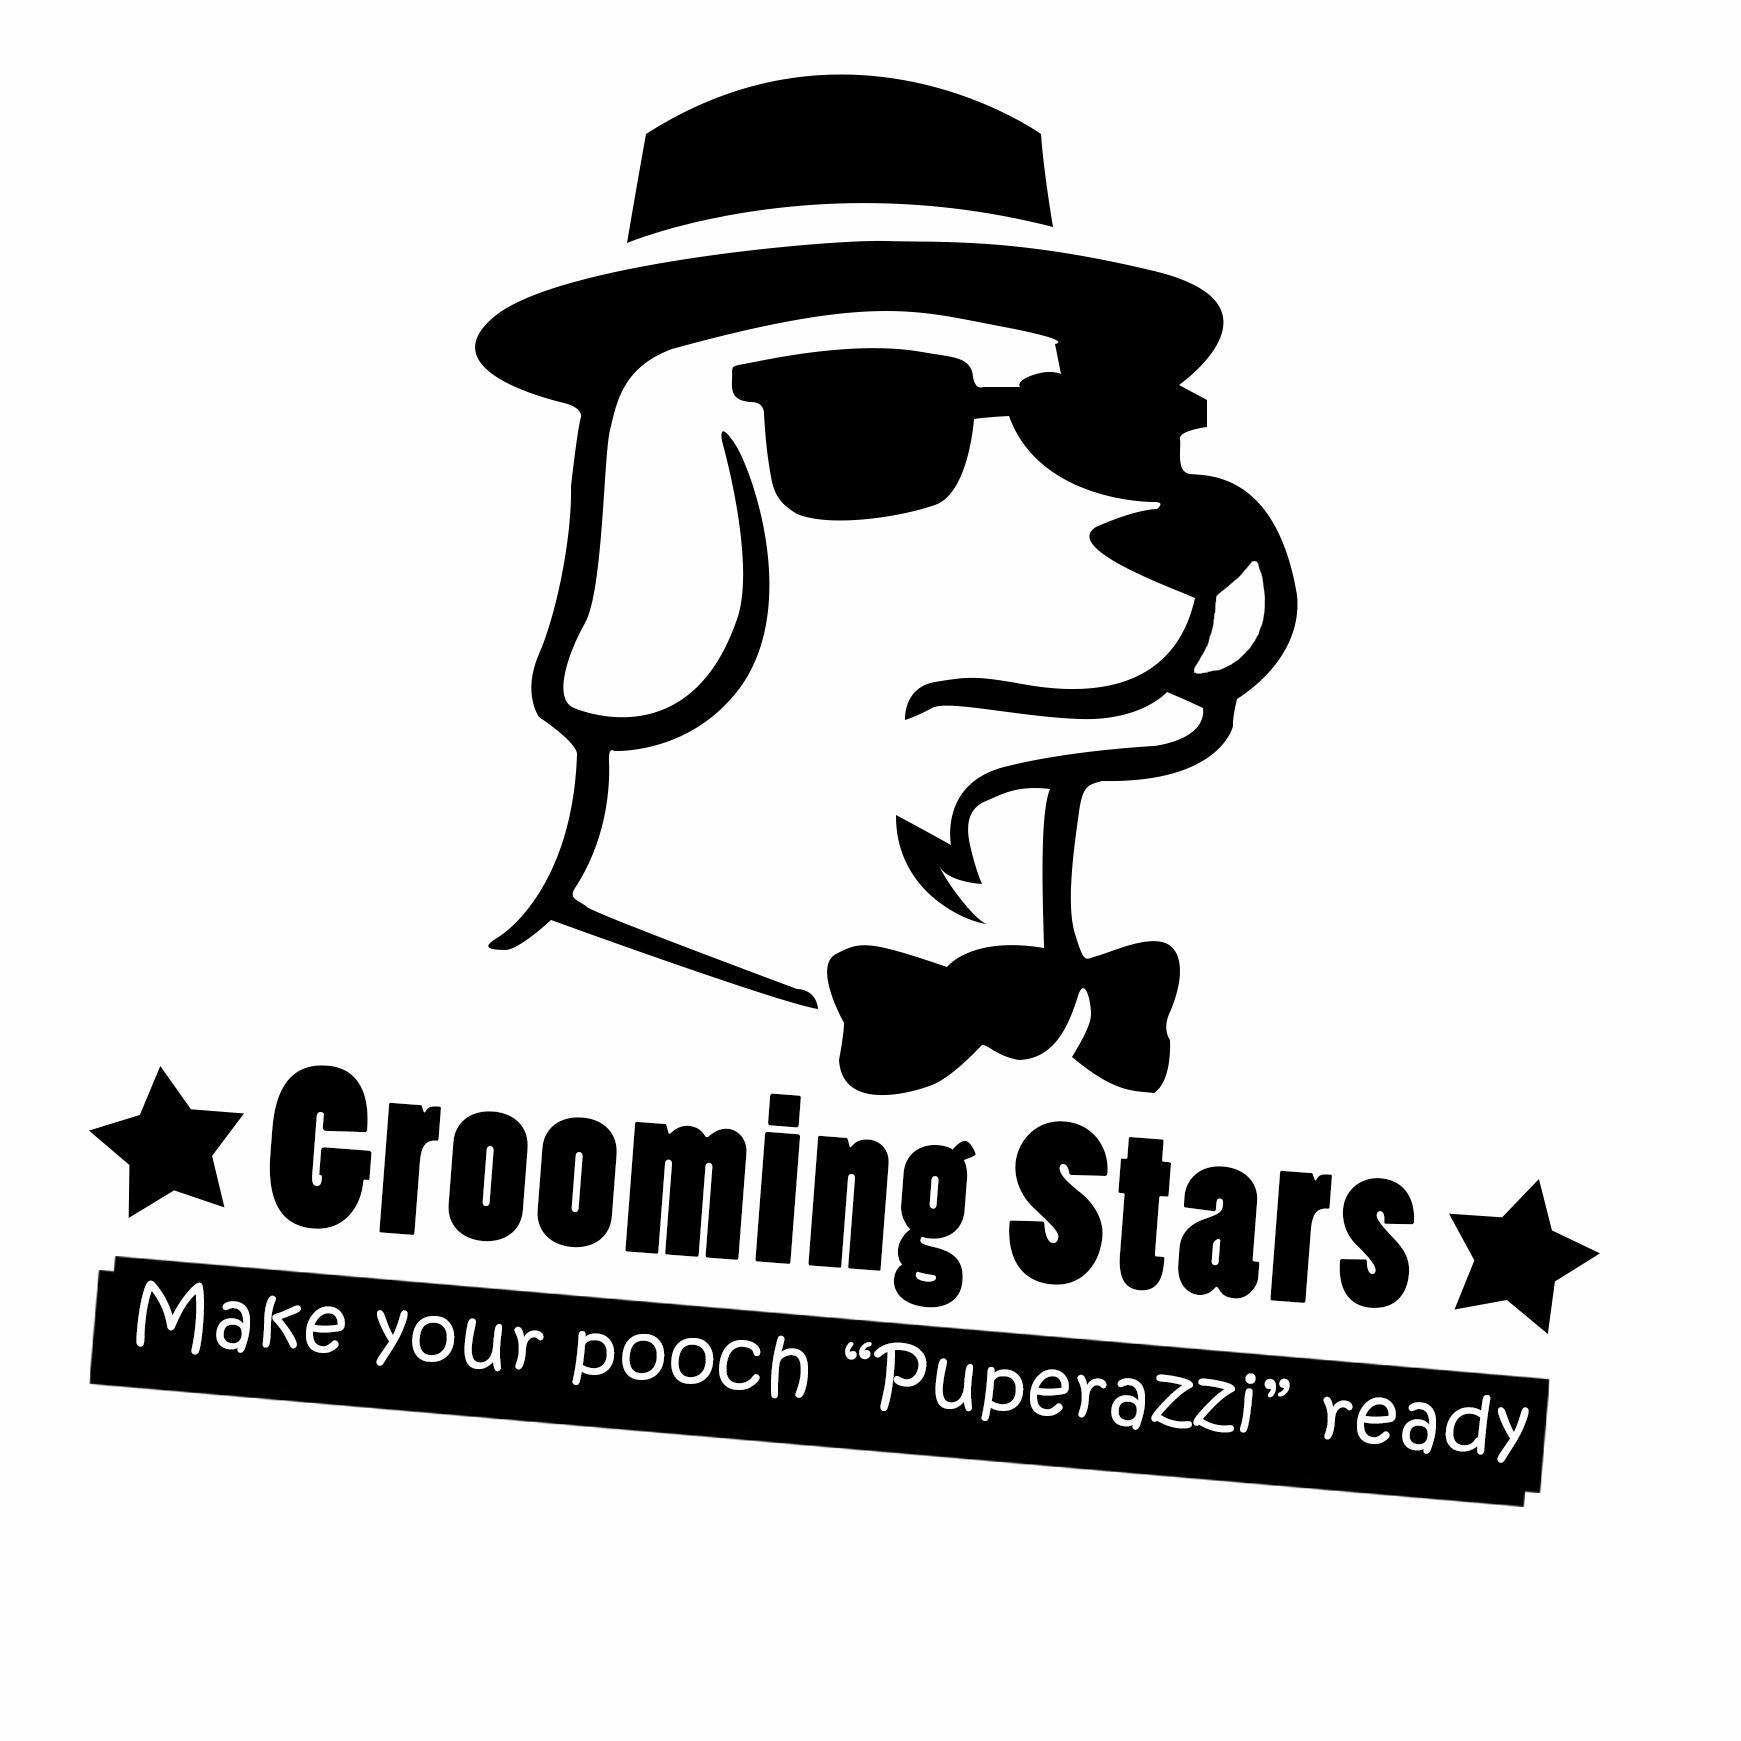 Grooming Stars